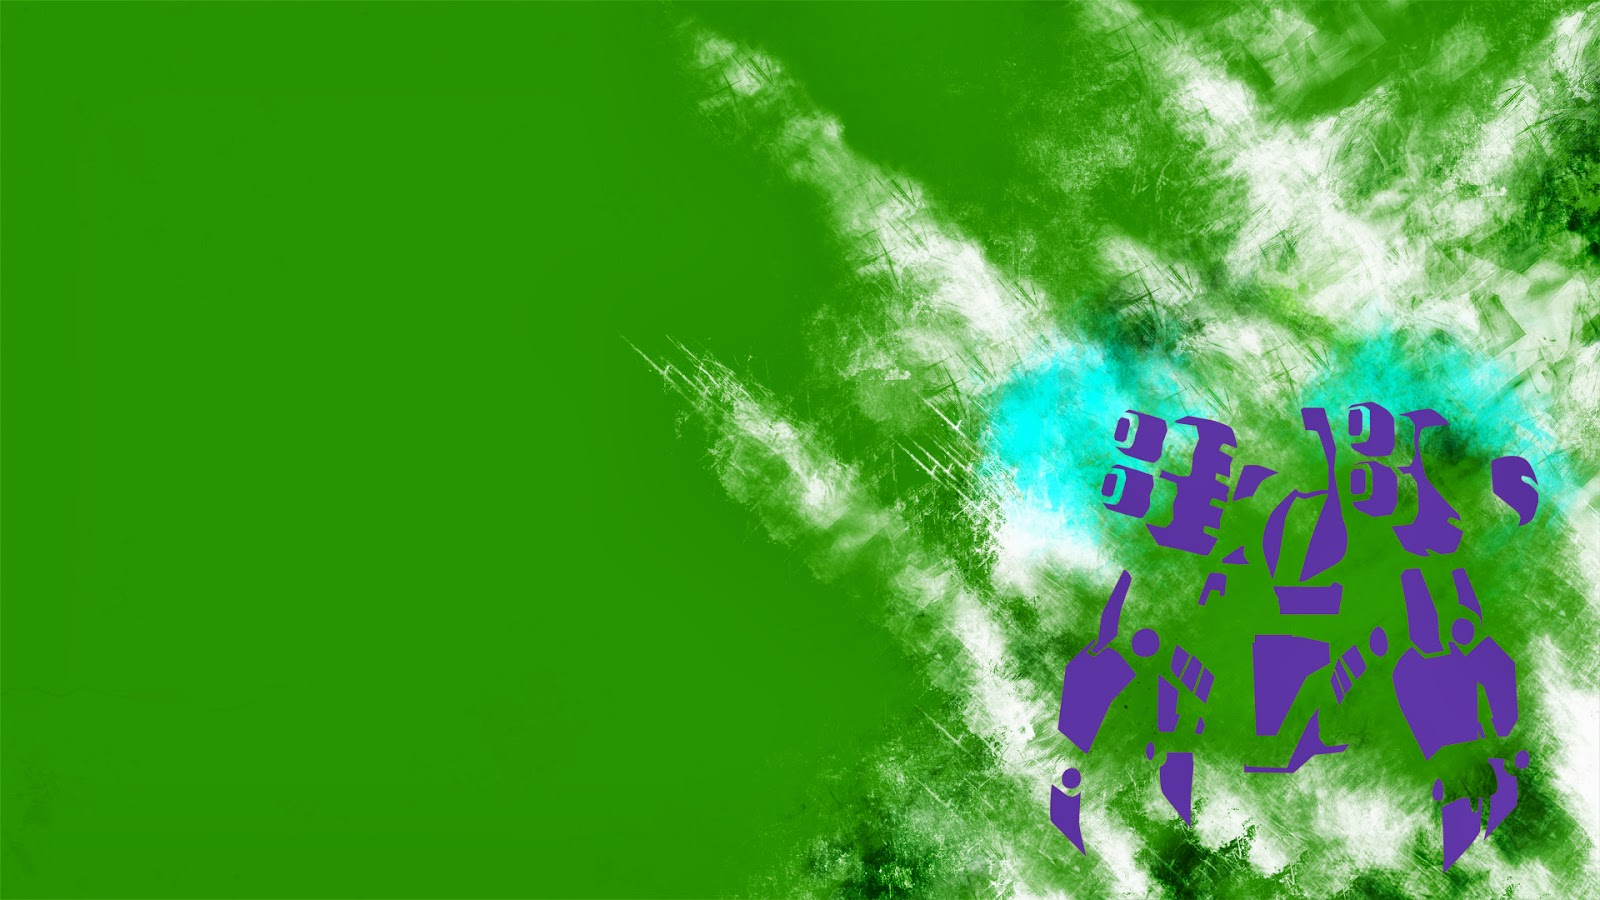 http://2.bp.blogspot.com/-Ebad4v-H0cE/TwXLiwGHgmI/AAAAAAAAkZo/FxRc62rJDY8/s1600/4.jpg